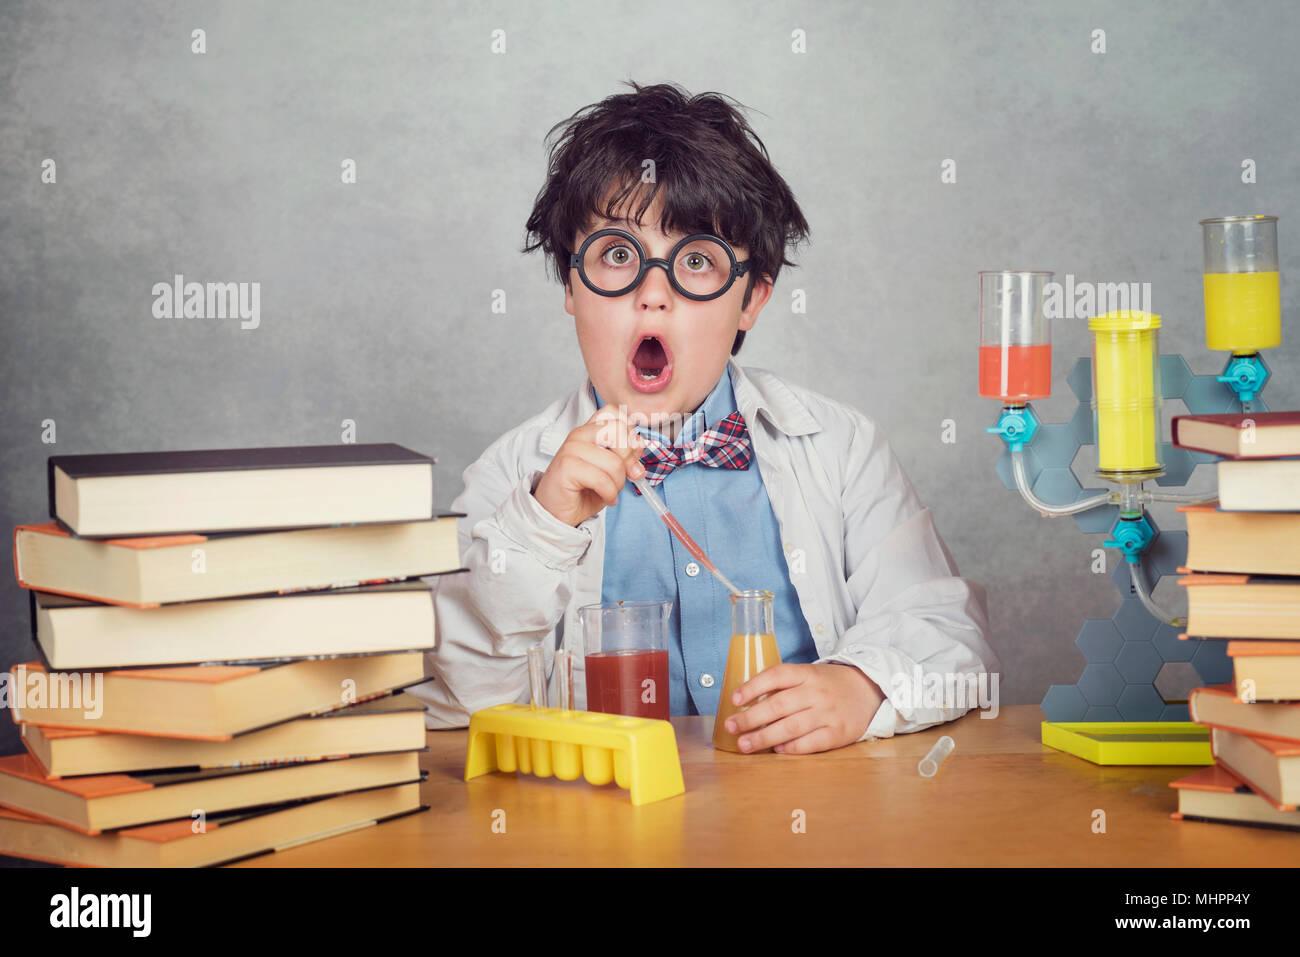 Chico es realizar experimentos científicos en un laboratorio sobre fondo gris Imagen De Stock